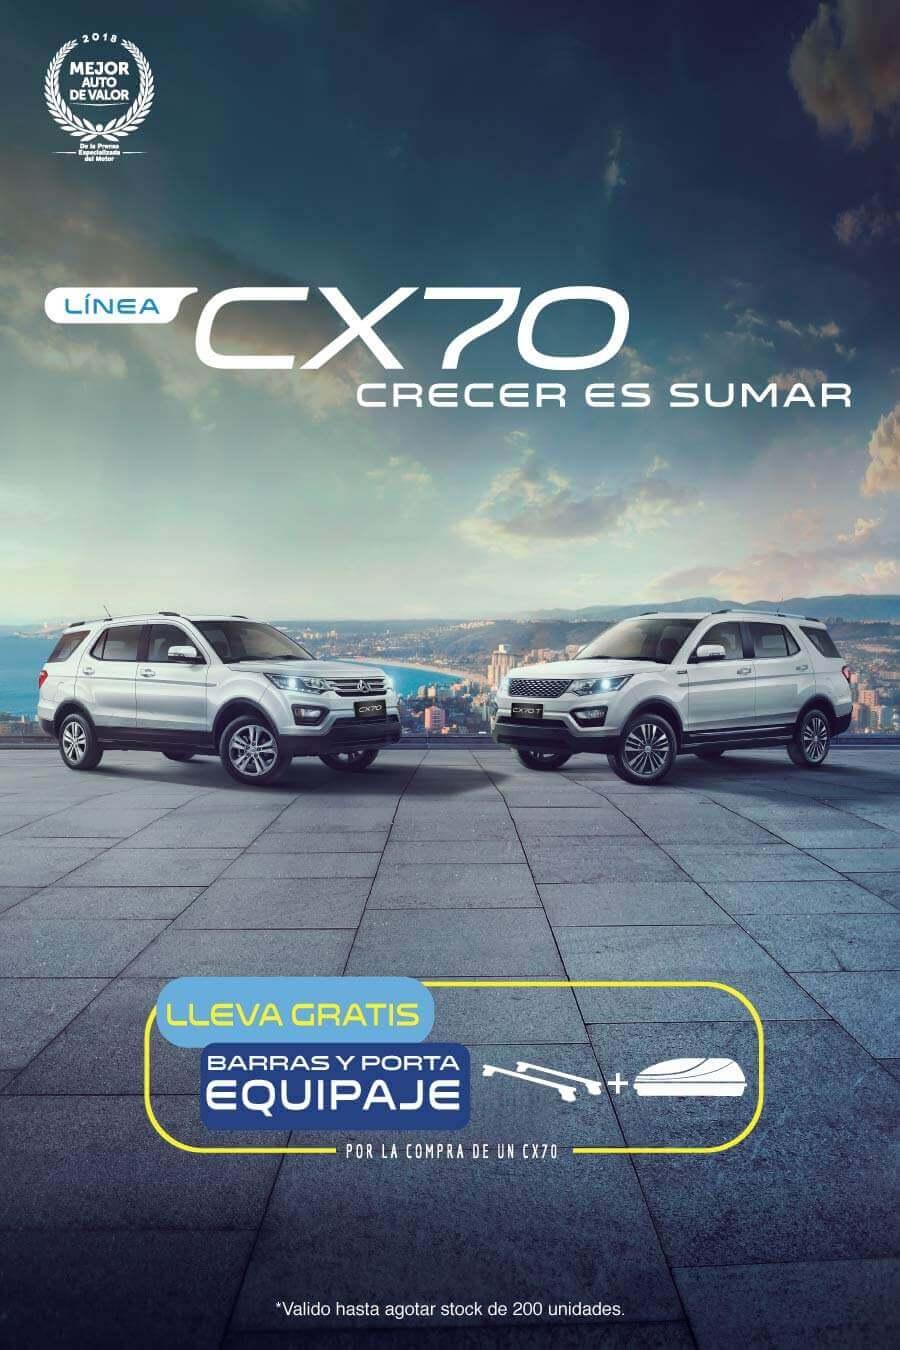 CX70-Mobile